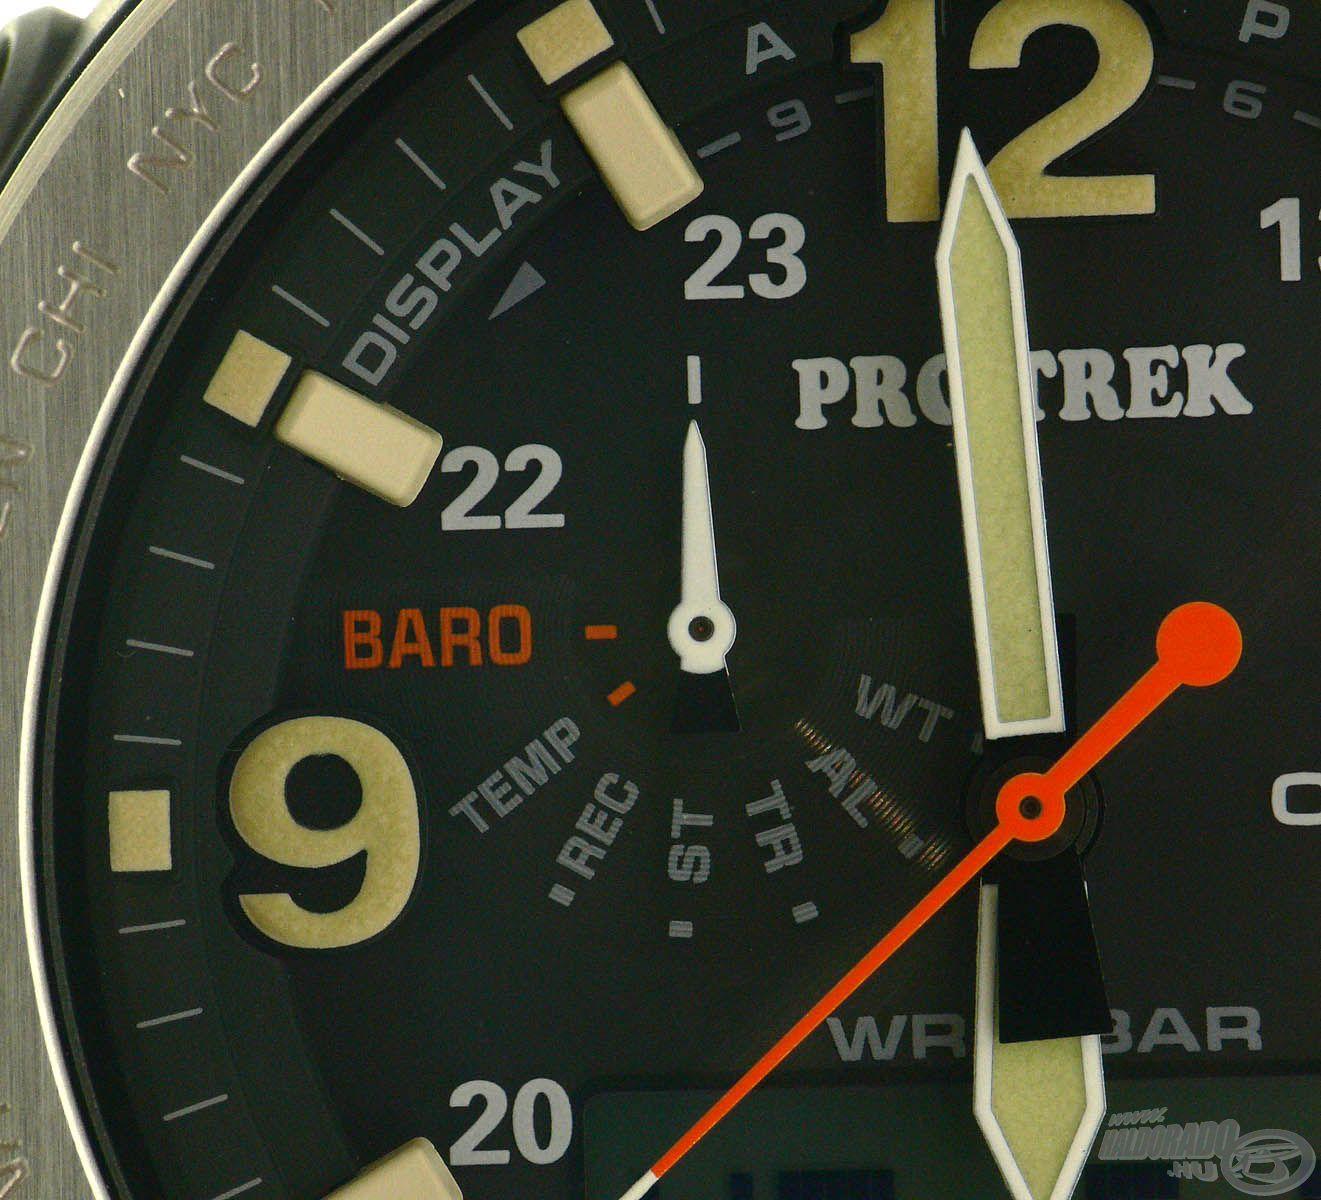 Számos hasznos funkció található az órákban, melyek közül a segédszámlapokon választhatjuk ki a számunkra éppen szükségeset